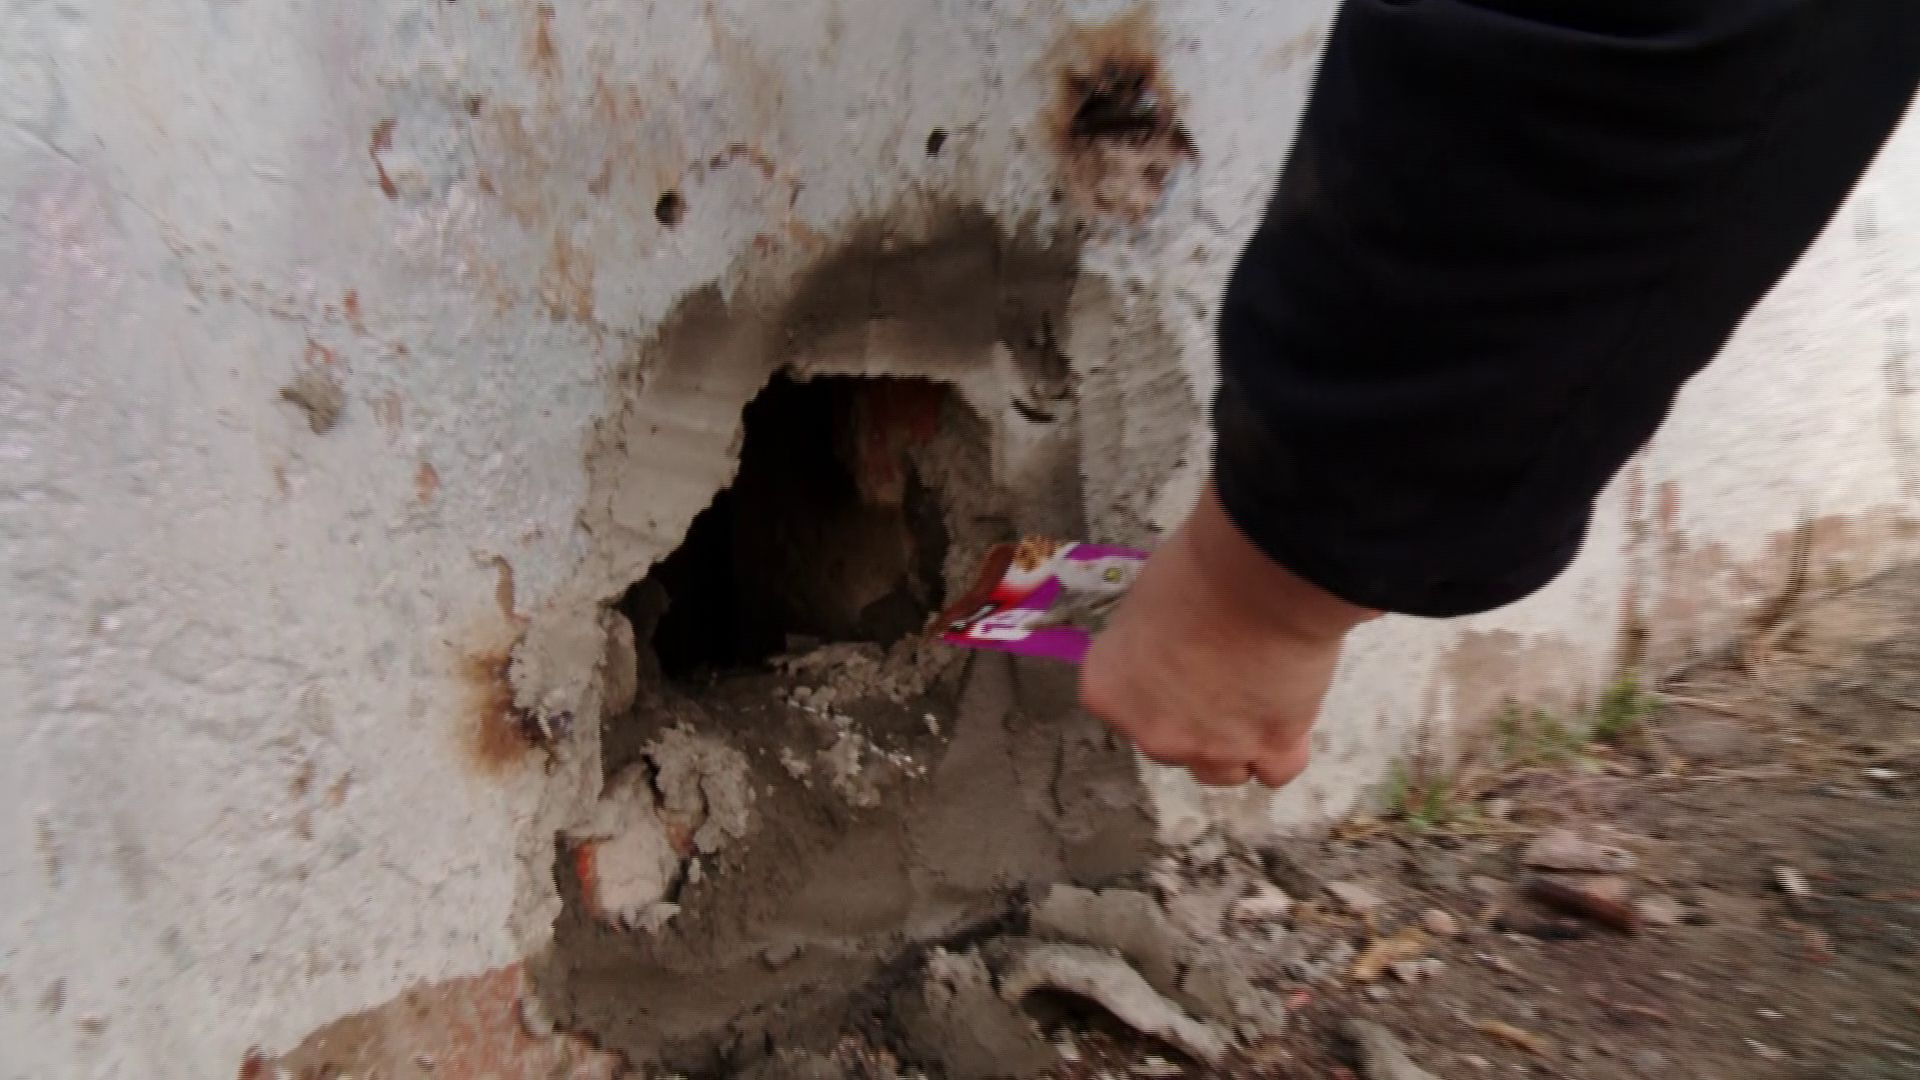 Во Фрунзенском районе в подвале закрыли десять кошек